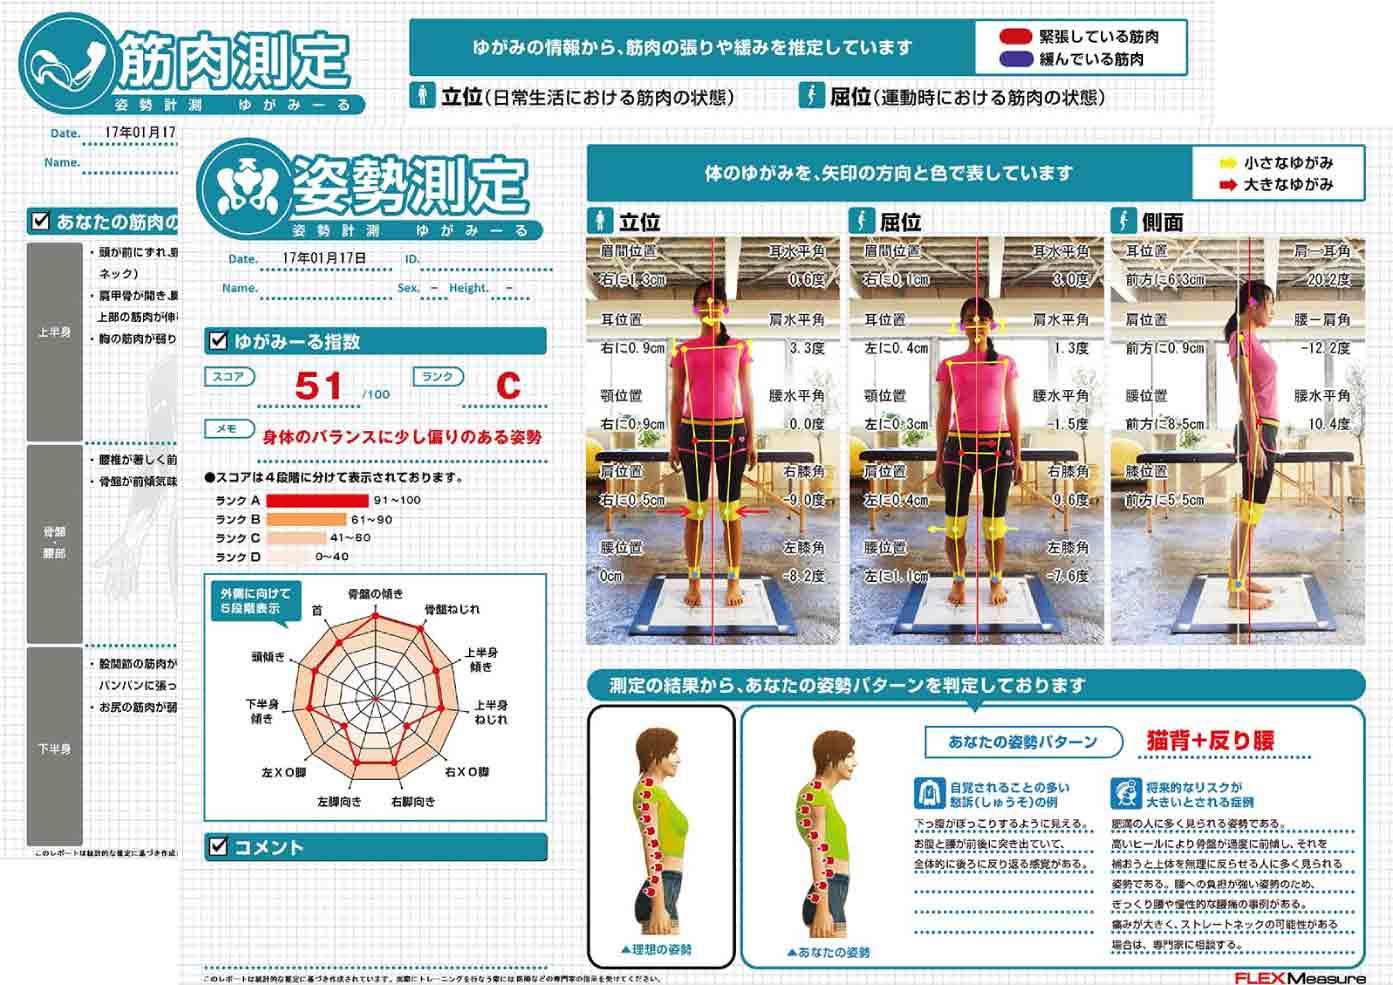 姿勢測定レポートと筋肉測定レポート